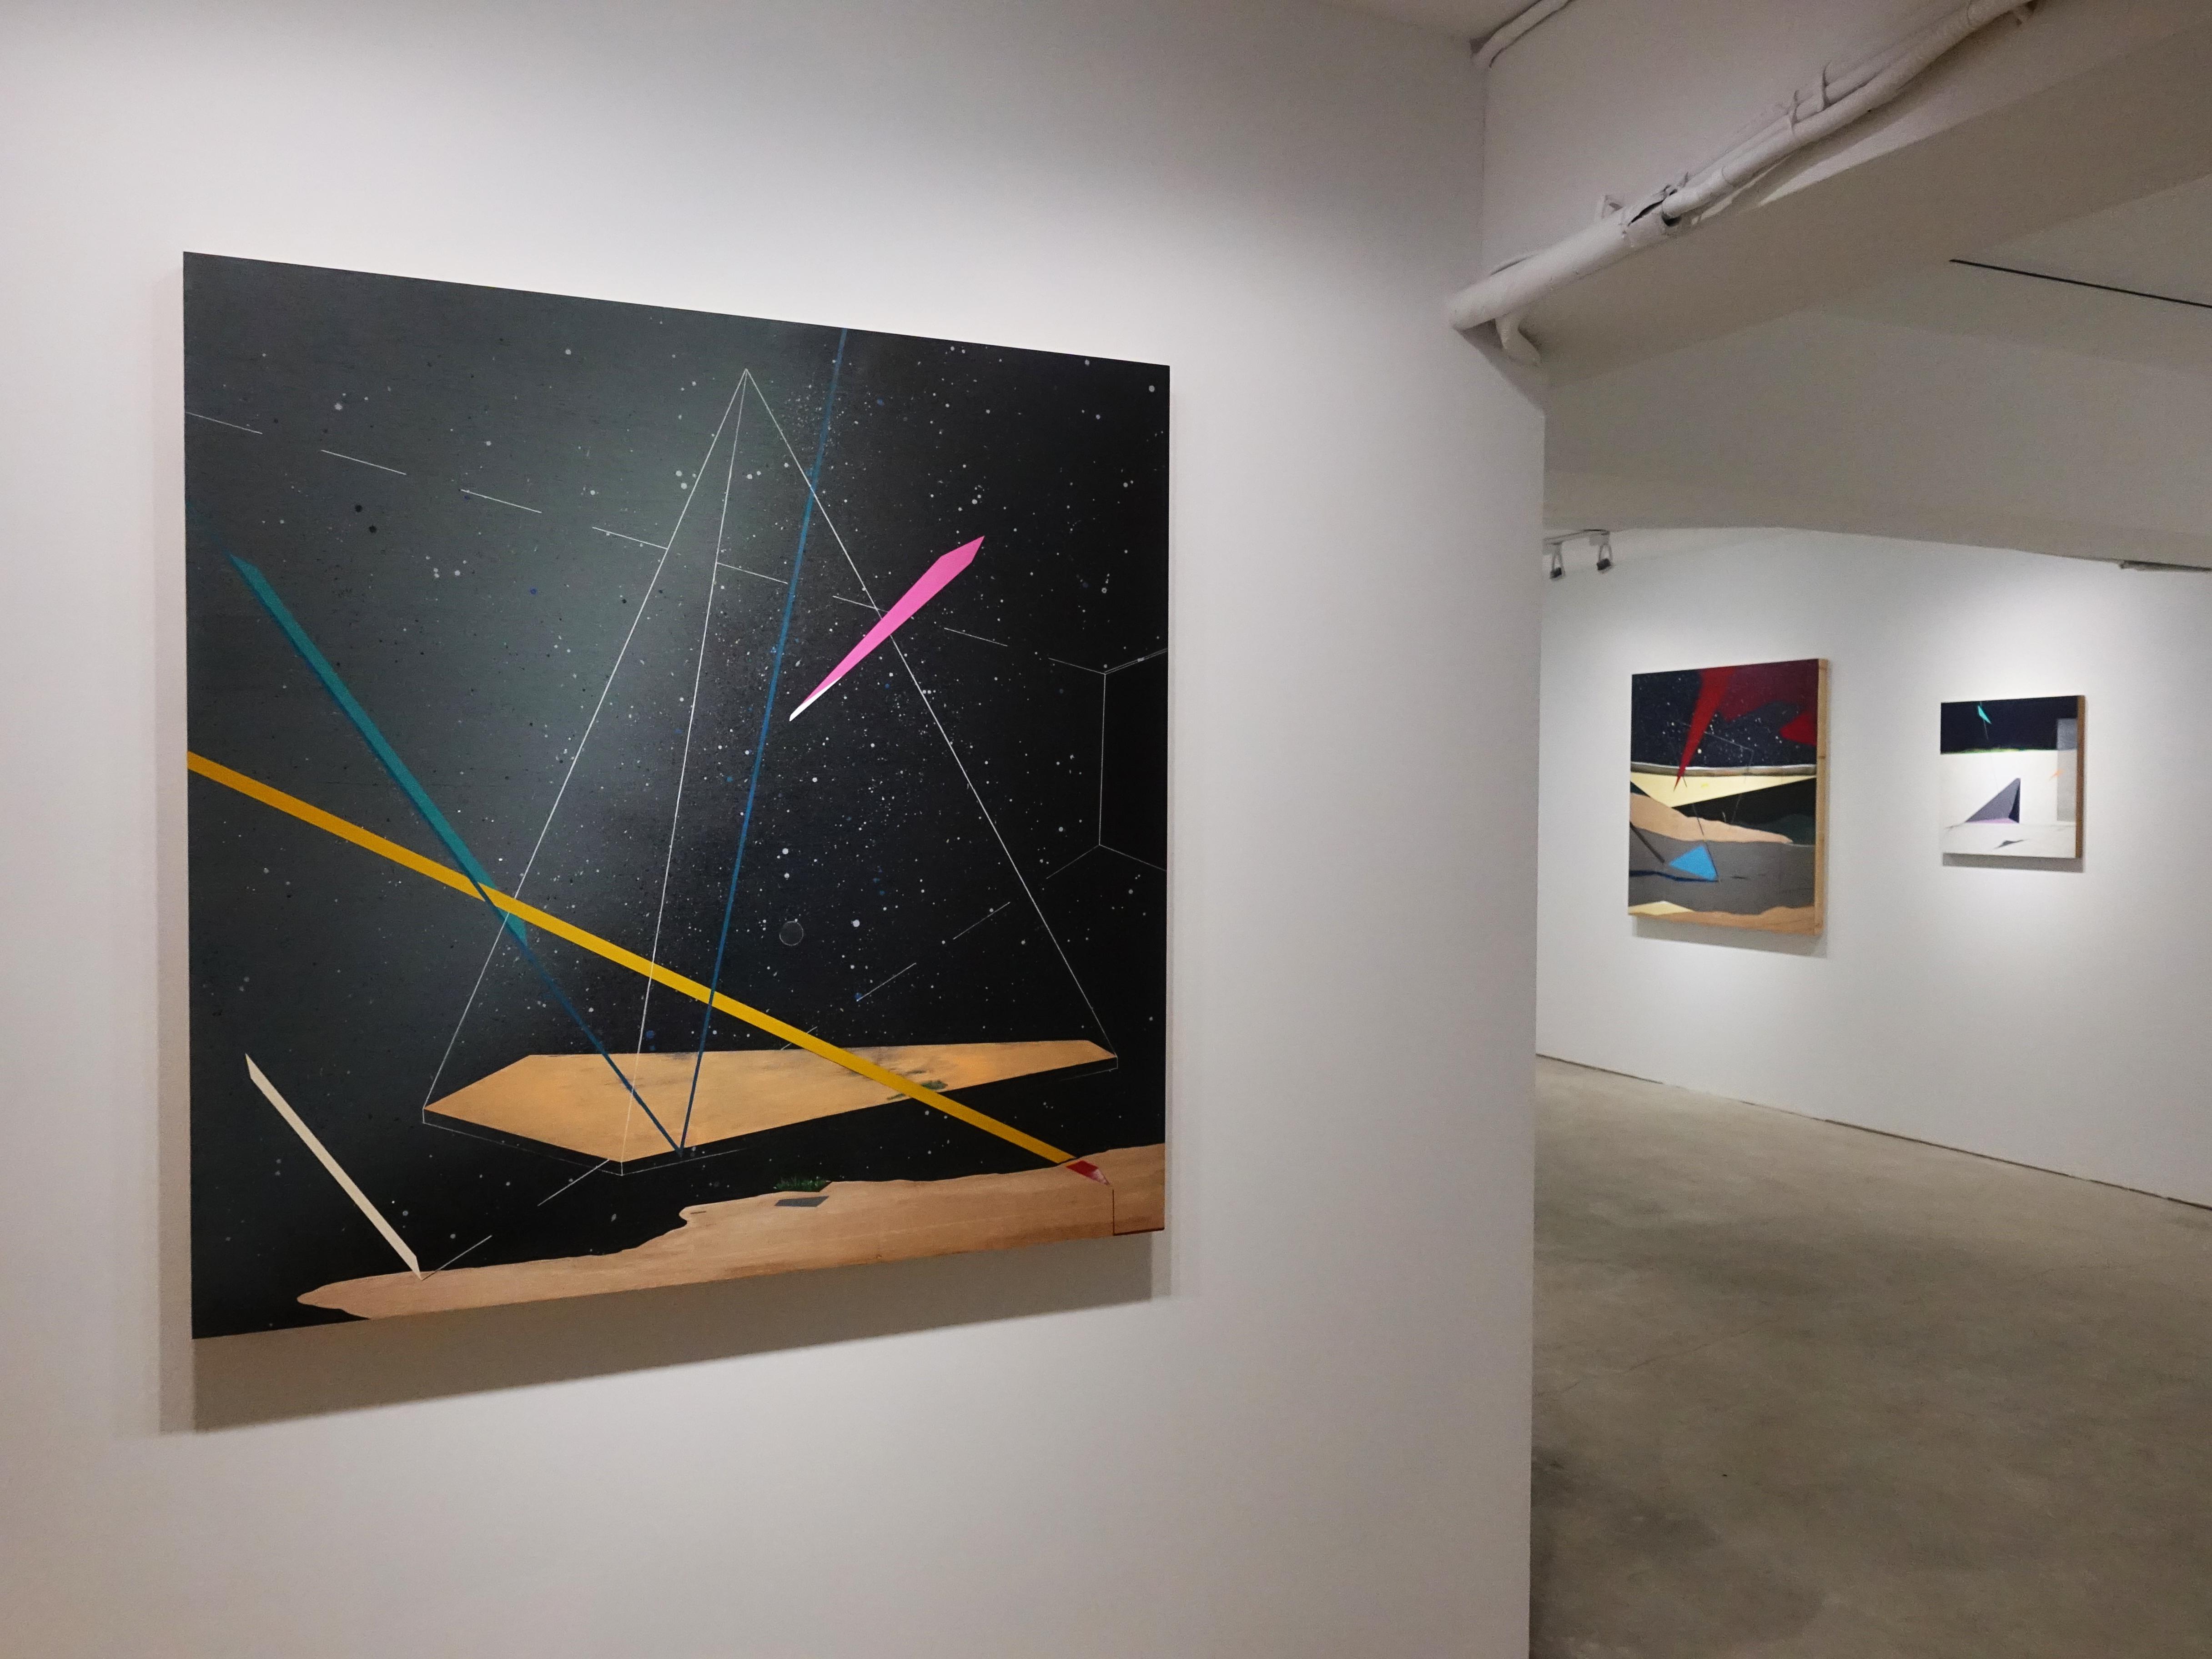 G.Gallery展出《m平方不等於》 張獻文創作個展。